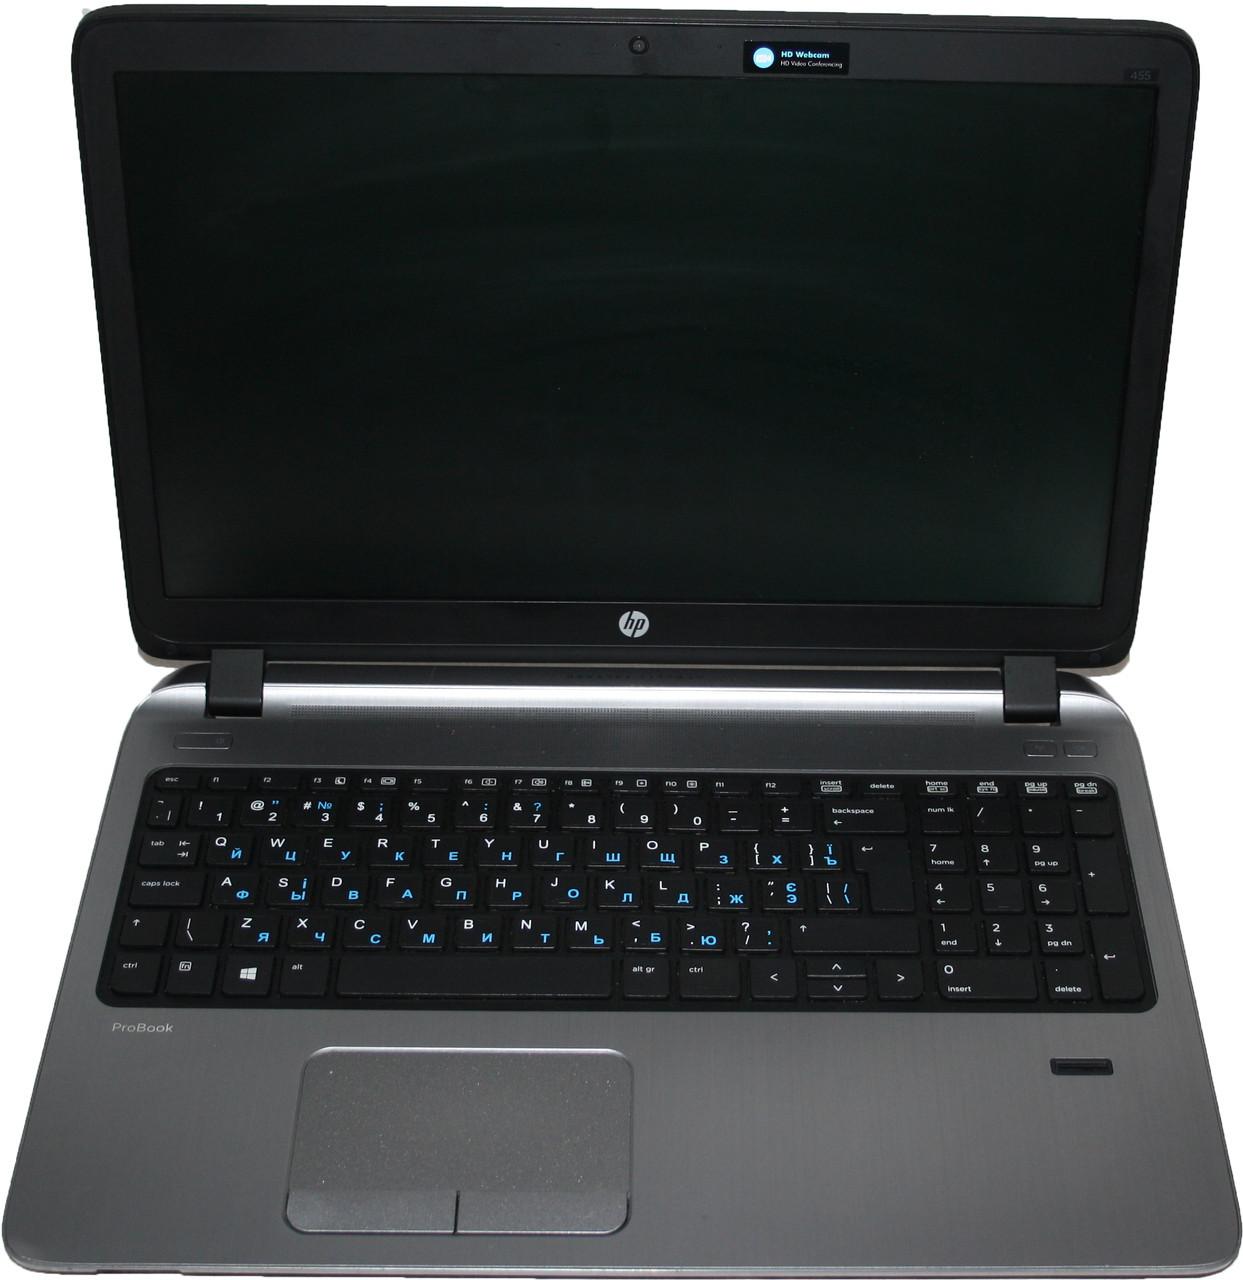 Ноутбук Б/У HP 455 G2 AMD A8-7100 /RAM 4GB/ HDD 500